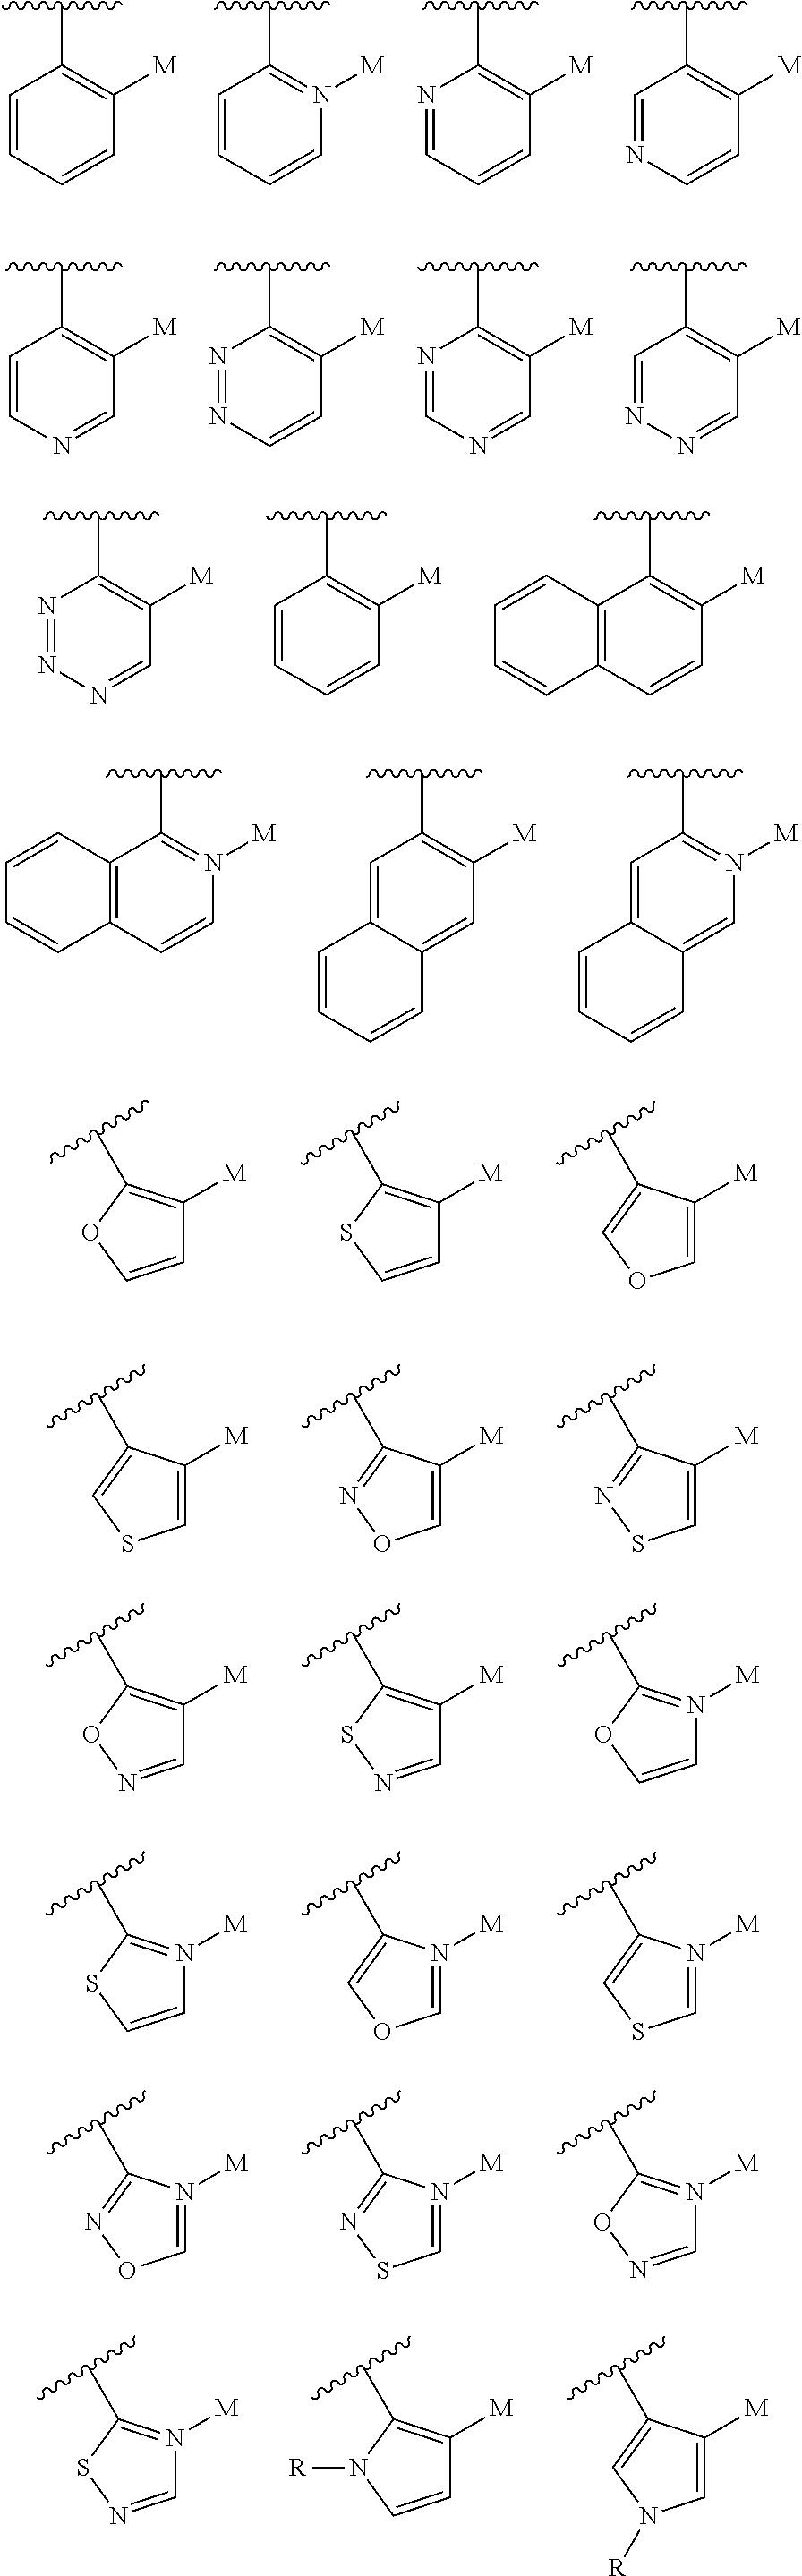 Figure US09818959-20171114-C00053